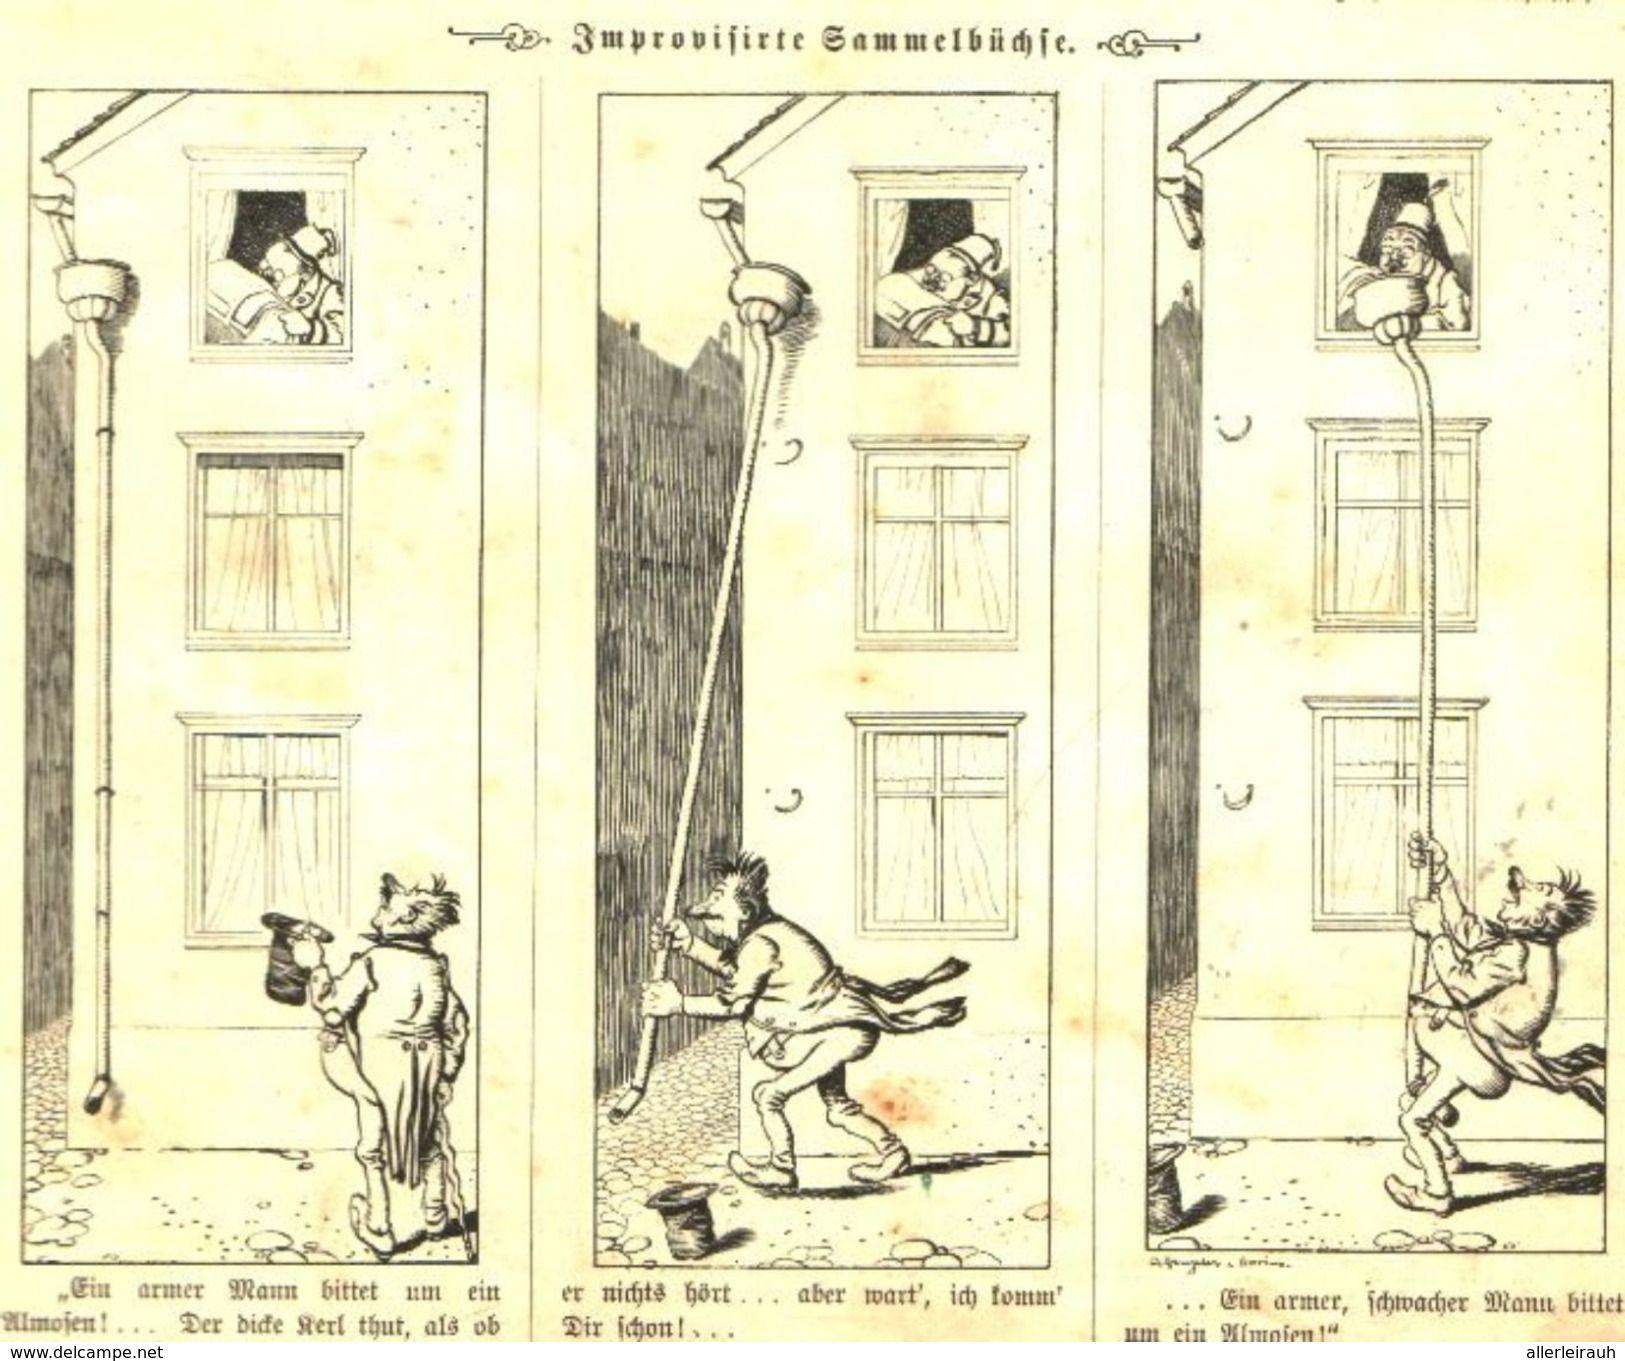 Die Improvisierte Sammelbuchse Cartoon Entnommen Aus Zeitschrift 1901 Artikelnummer 487359493